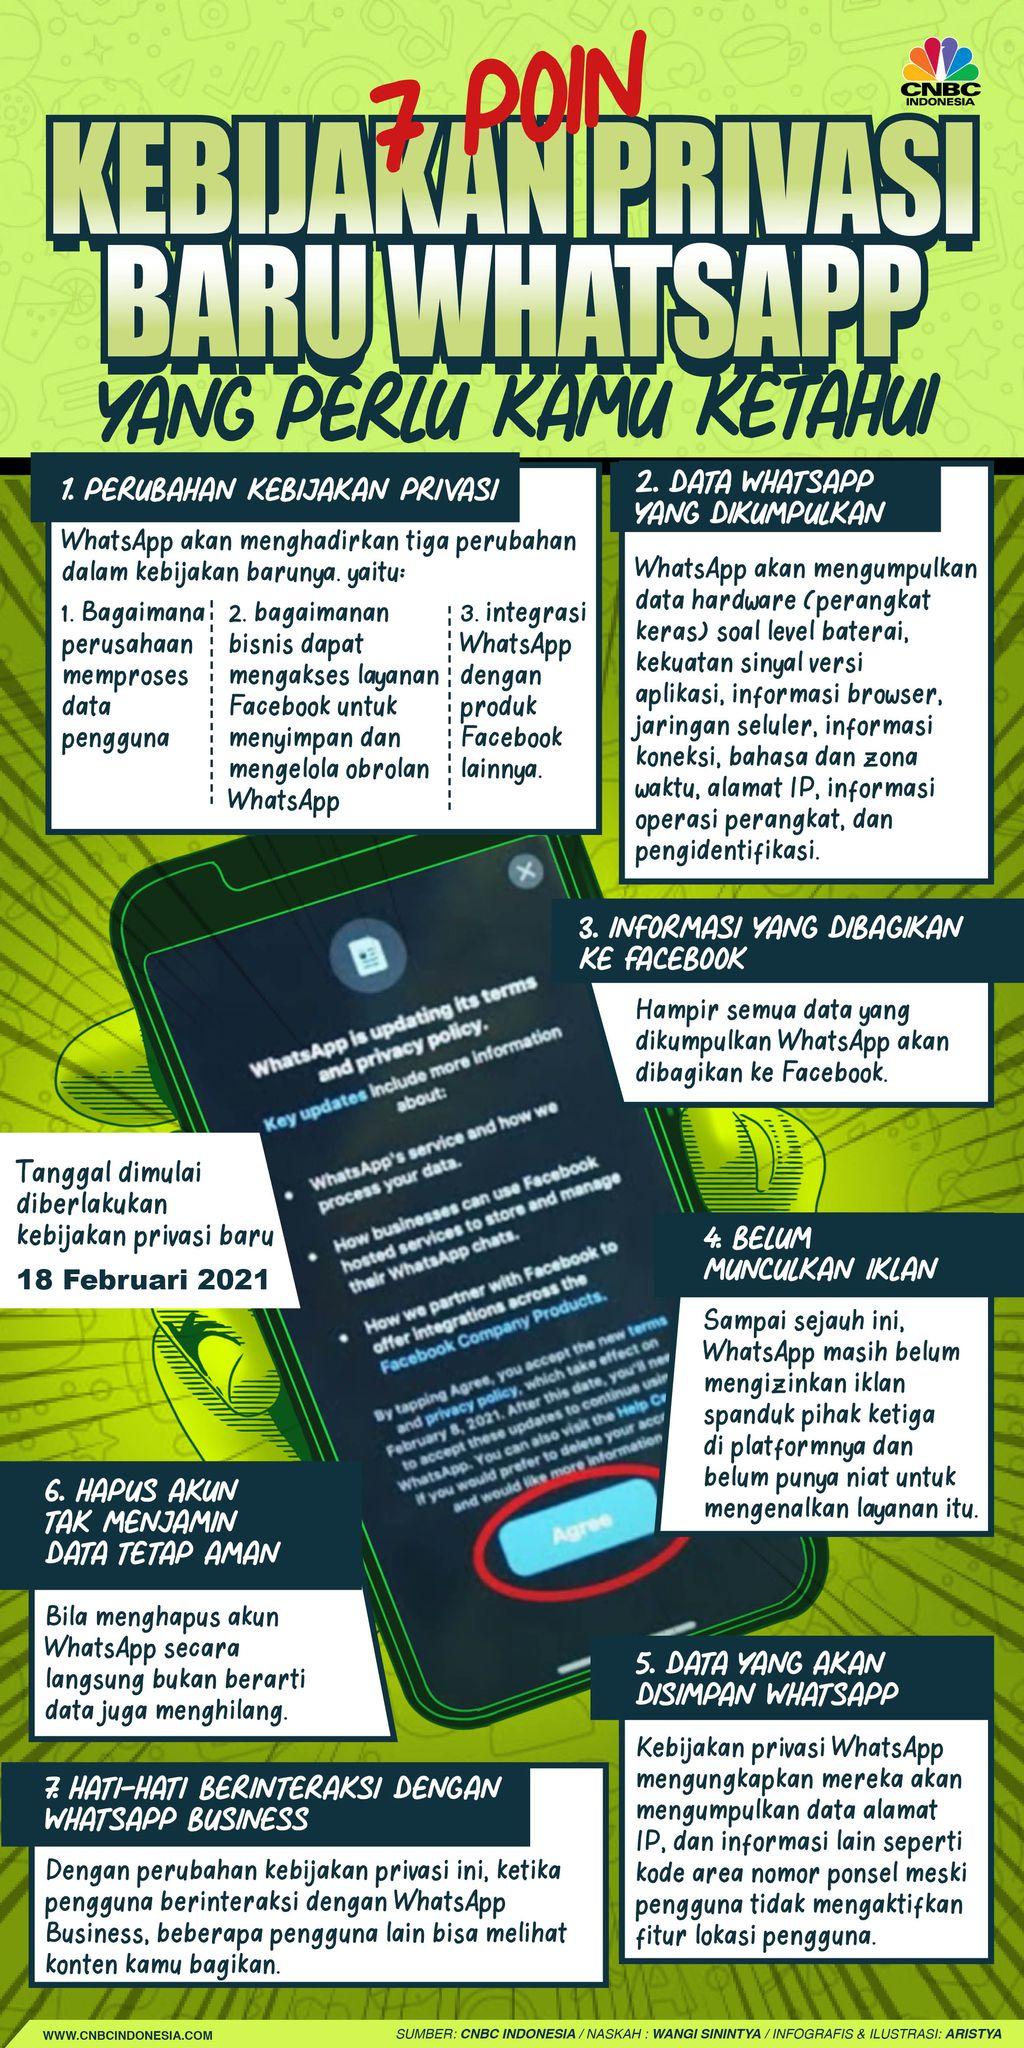 Infografis/7 Poin kebijakan privasi baru WhatsApp yang perlu kamu ketahui/Aristya RAhadian